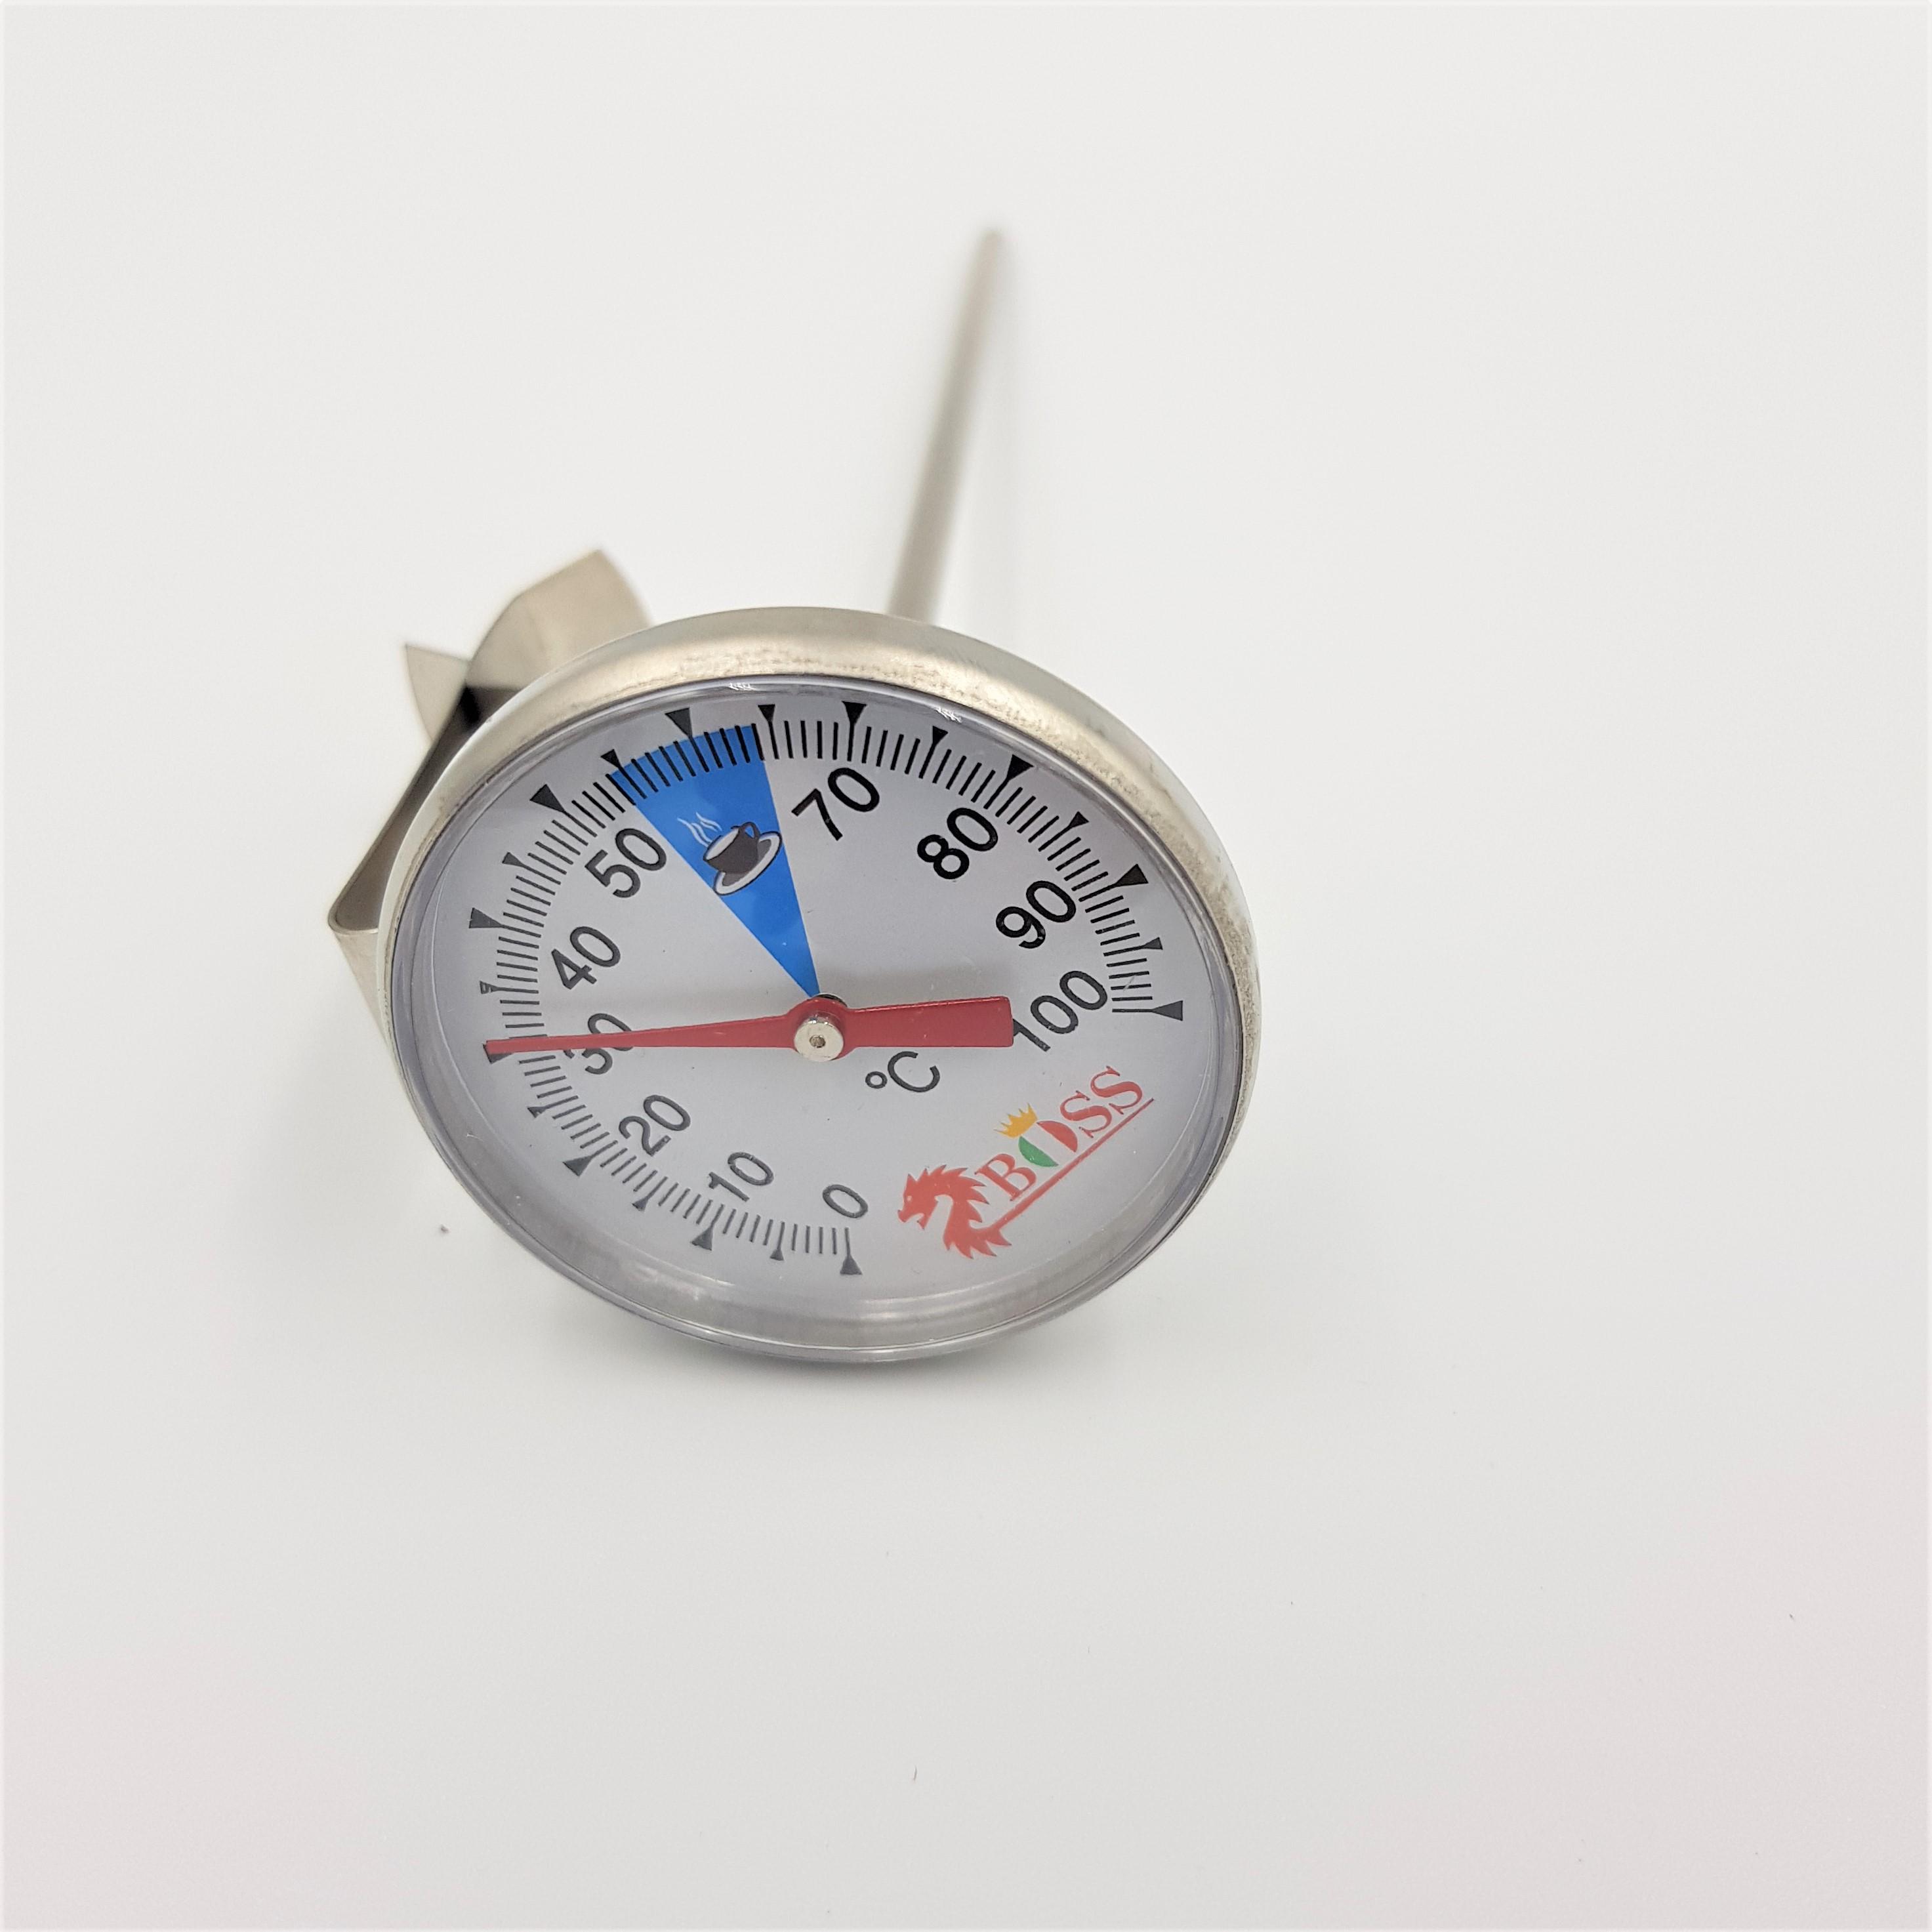 เทอร์โมมิเตอร์ วัดอุณหภูมิอาหาร ตรา BOSS รหัสสินค้า 1610-1697